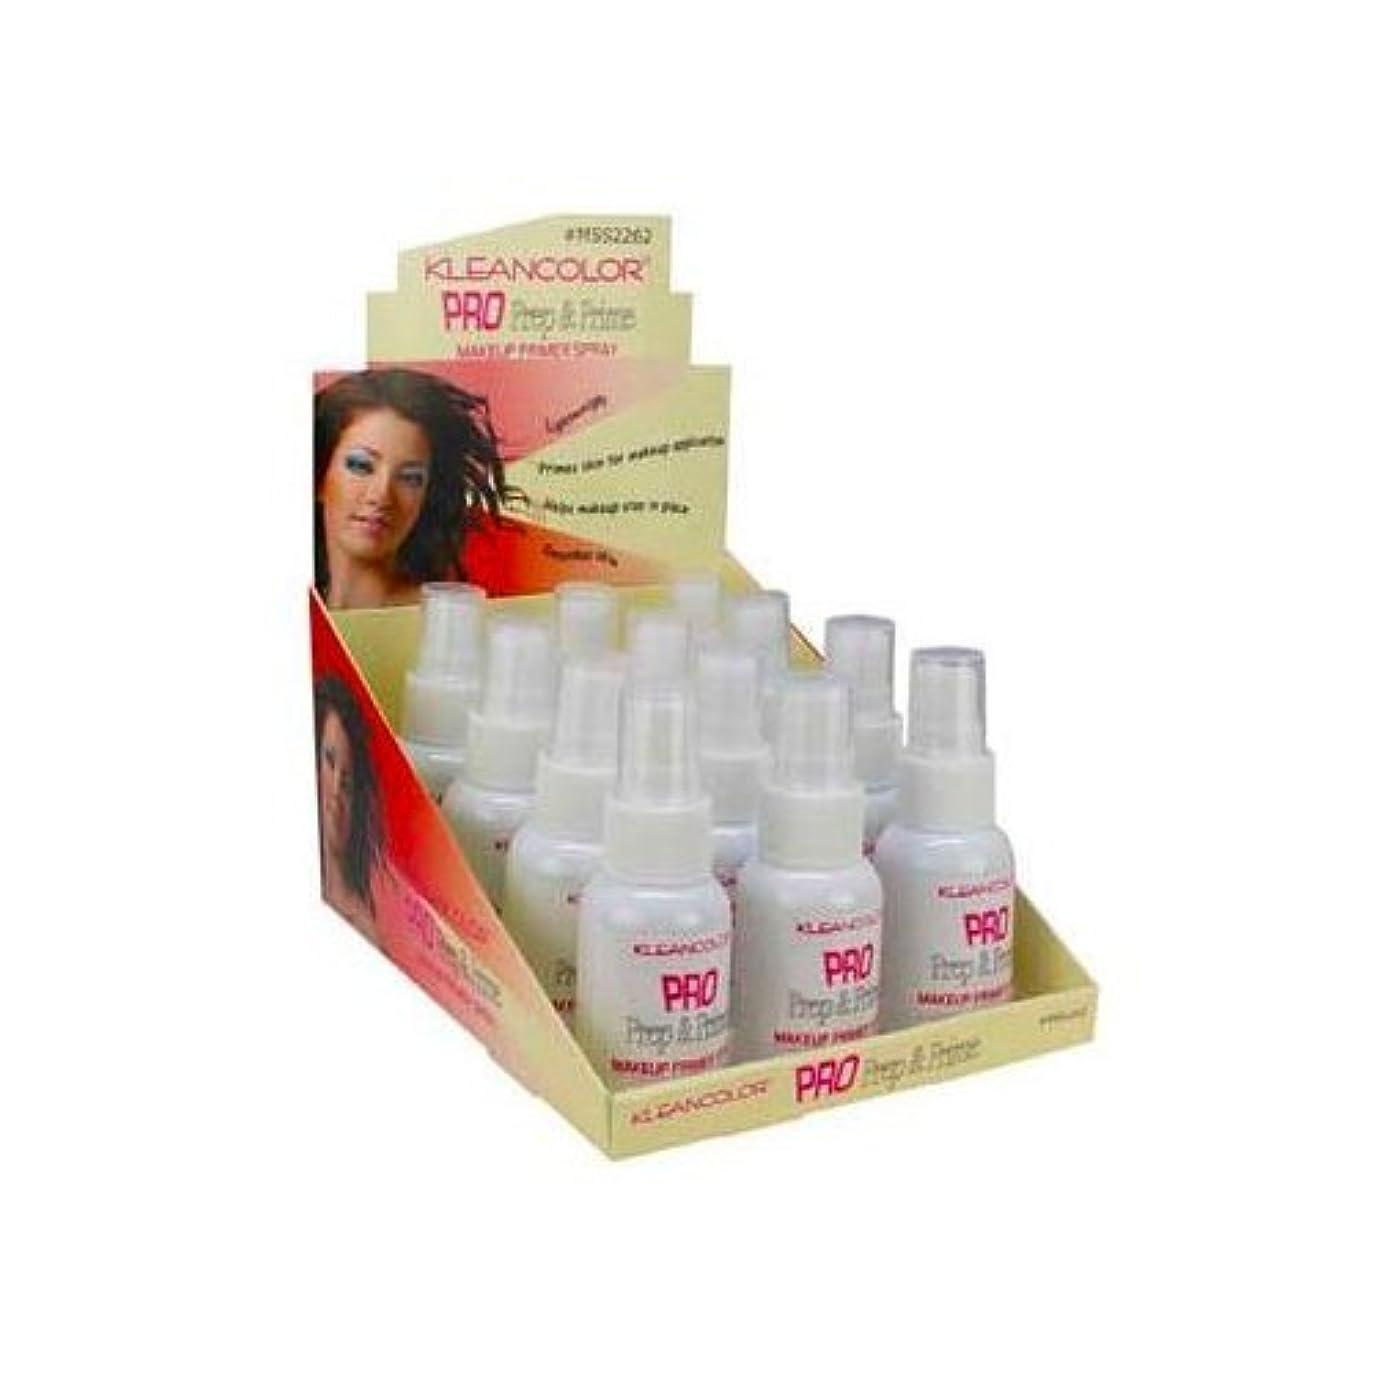 なくなる旅客どんよりしたKLEANCOLOR Pro Prep and Prime - Makeup Primer Spray (並行輸入品)